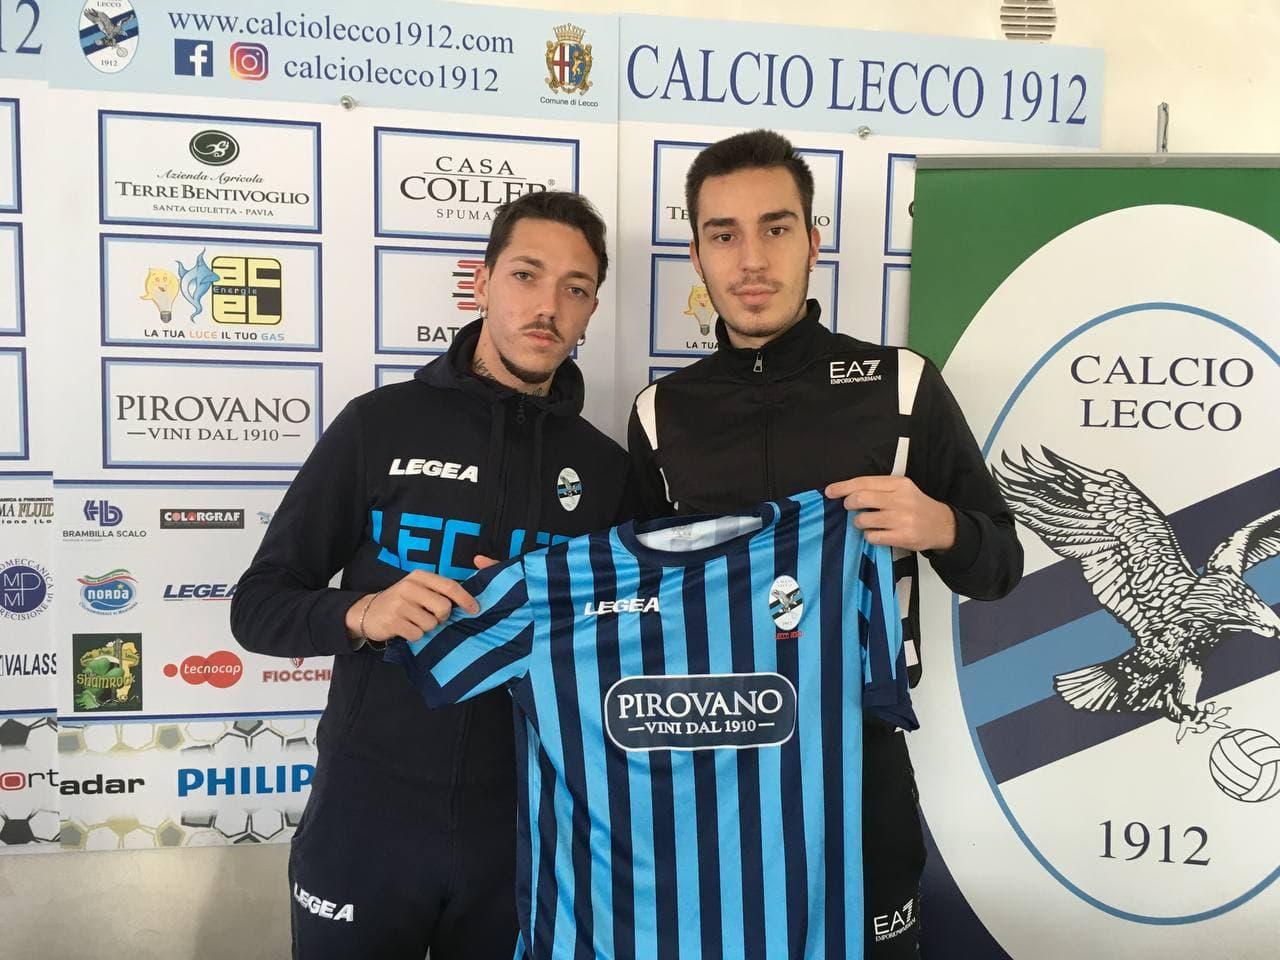 Ufficiale: Michele Emmausso nuovo giocatore della Calcio Lecco 1912